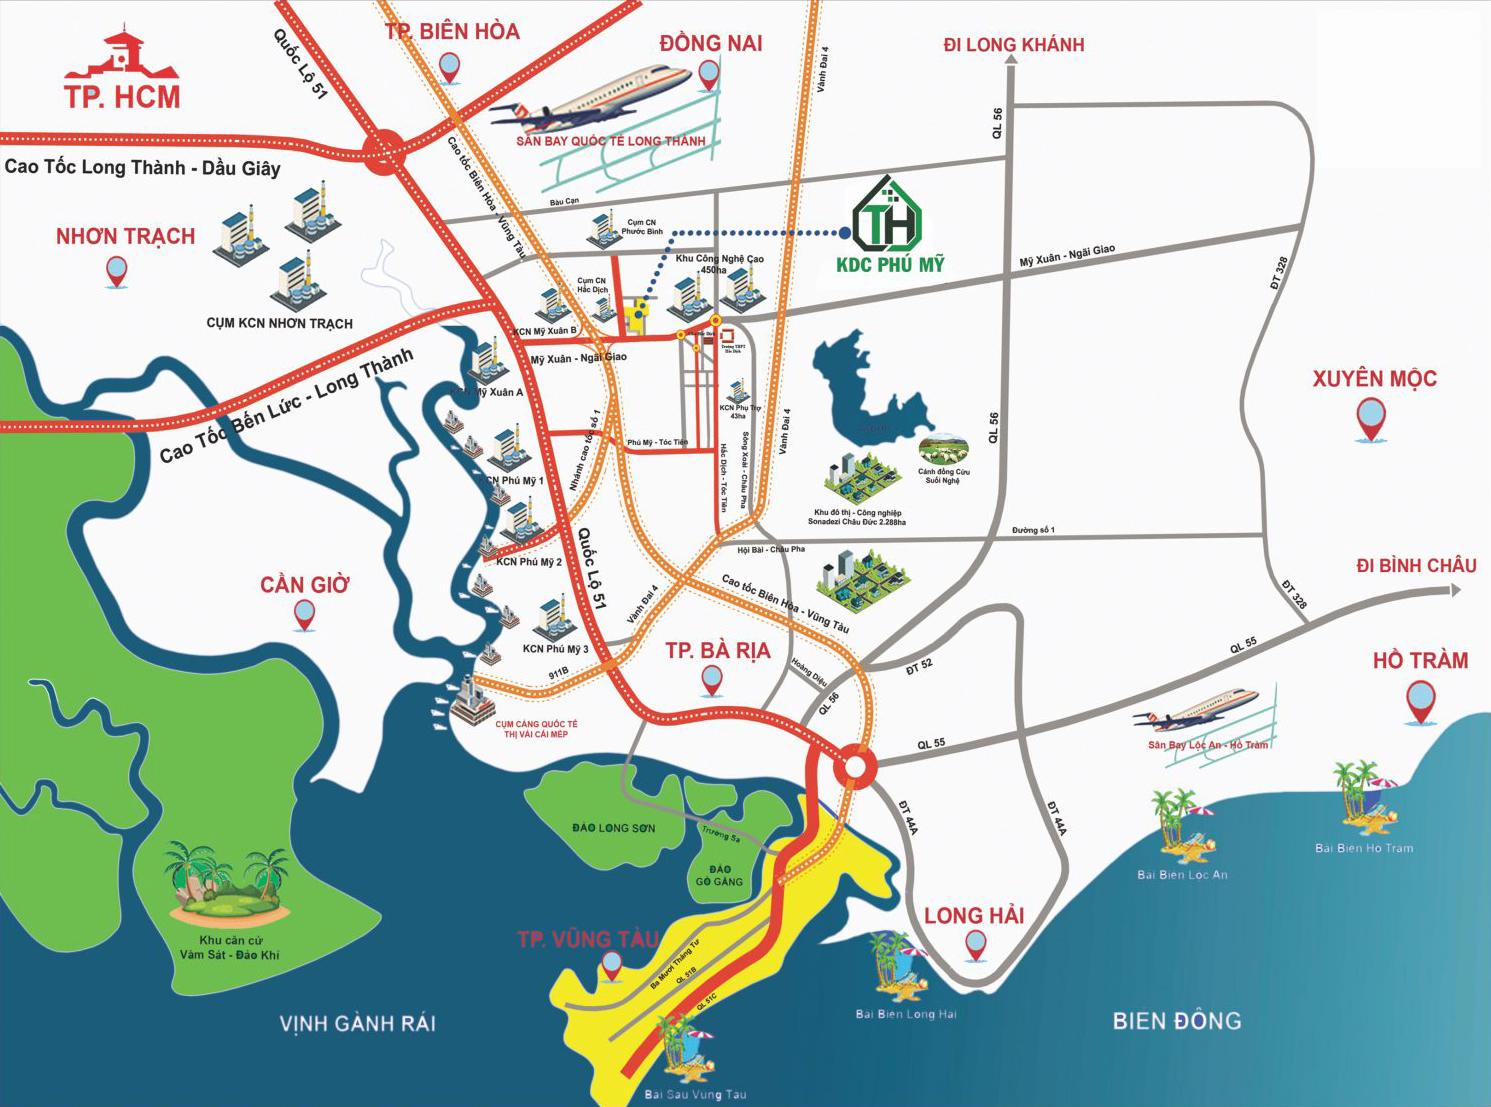 Vị trí đất nền KDC Phú Mỹ Trảng Cát